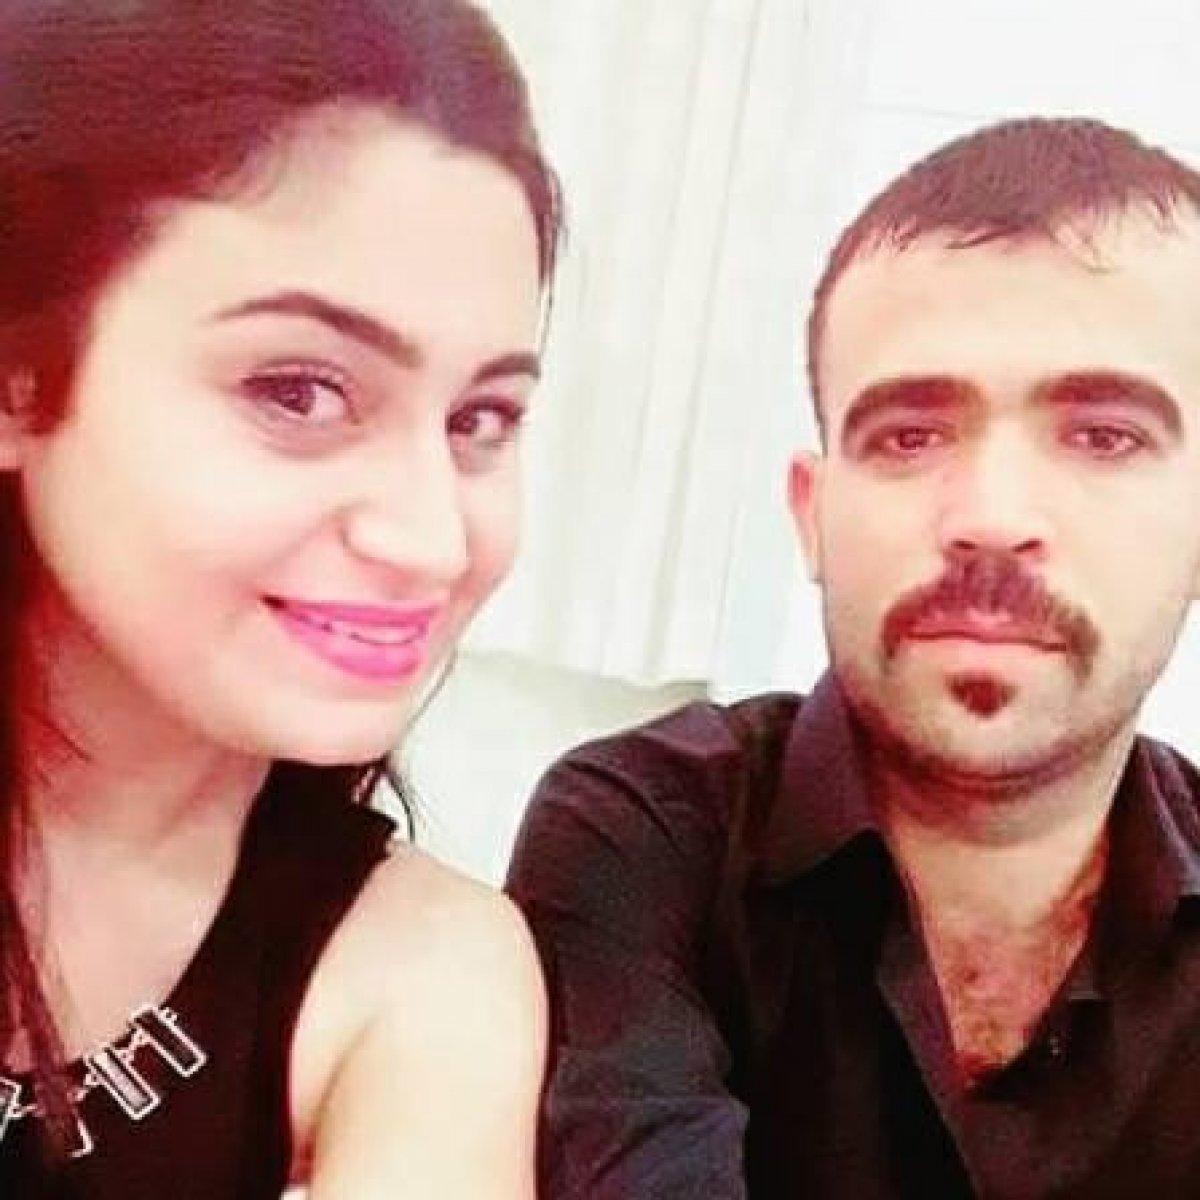 Adana da erkek arkadaşıyla plan yaptı, eşini evde vurdurttu #5